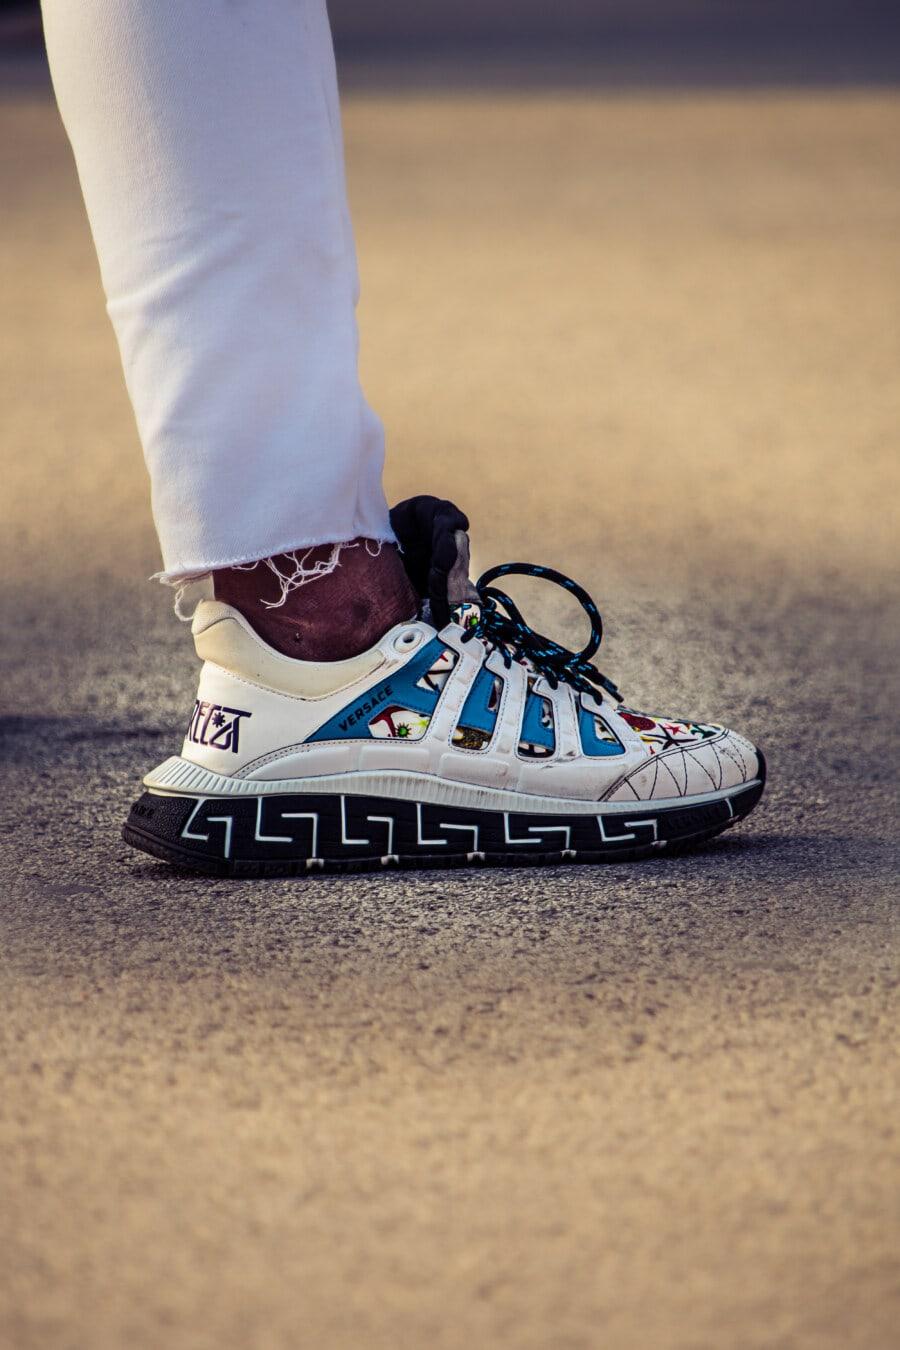 đầy màu sắc, ưa thích, giày thể thao, chân trần, giày dép, Áo khoác, Quần bò, trắng, Quần lót, Cặp